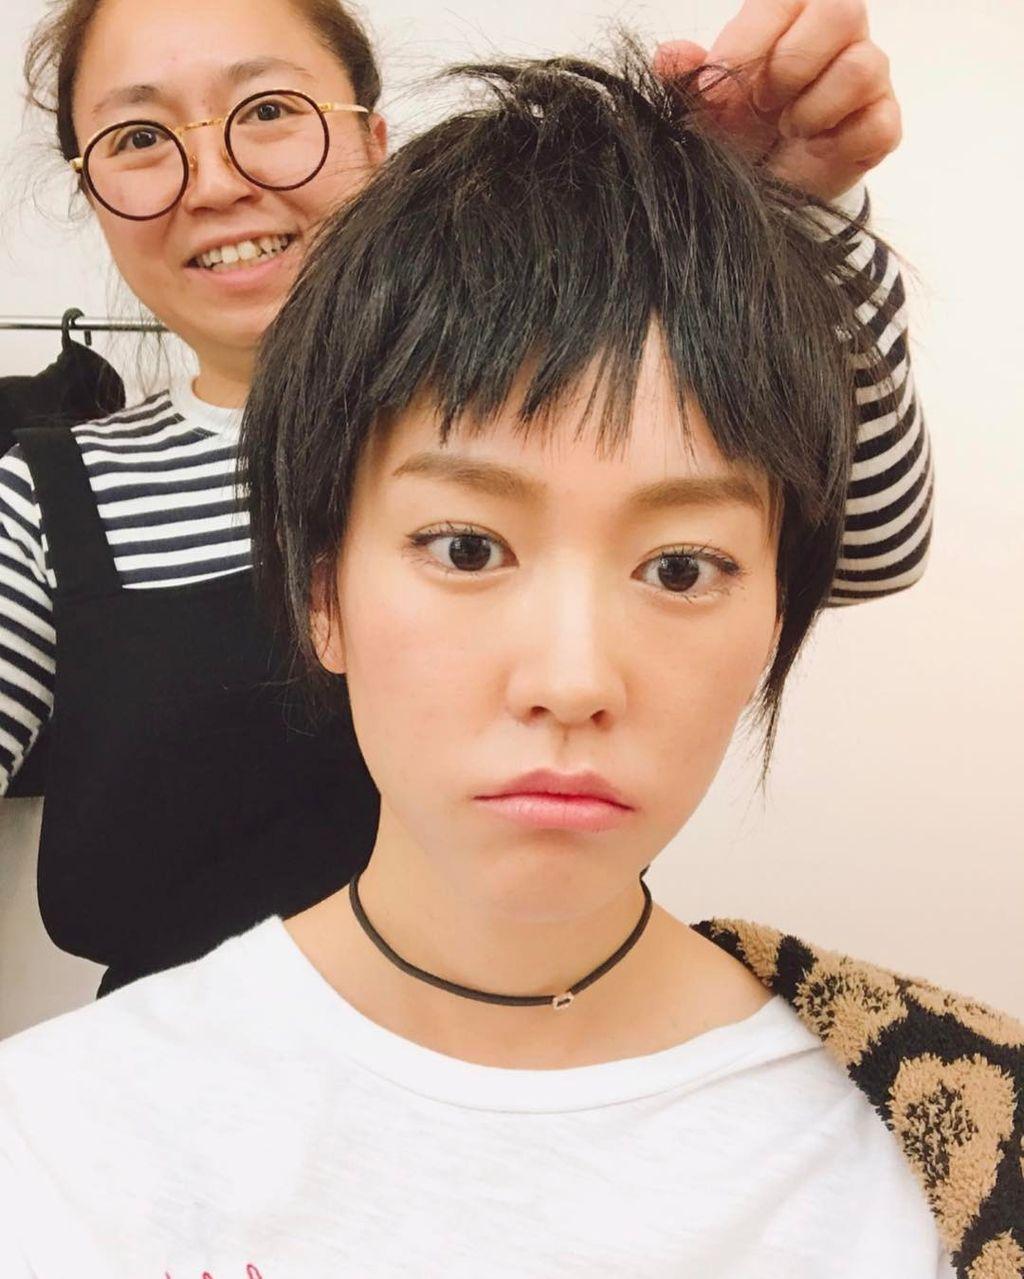 【エンタメ画像】短髪の毛にした桐谷美玲がかわいすぎる♪♪♪(画像あり)